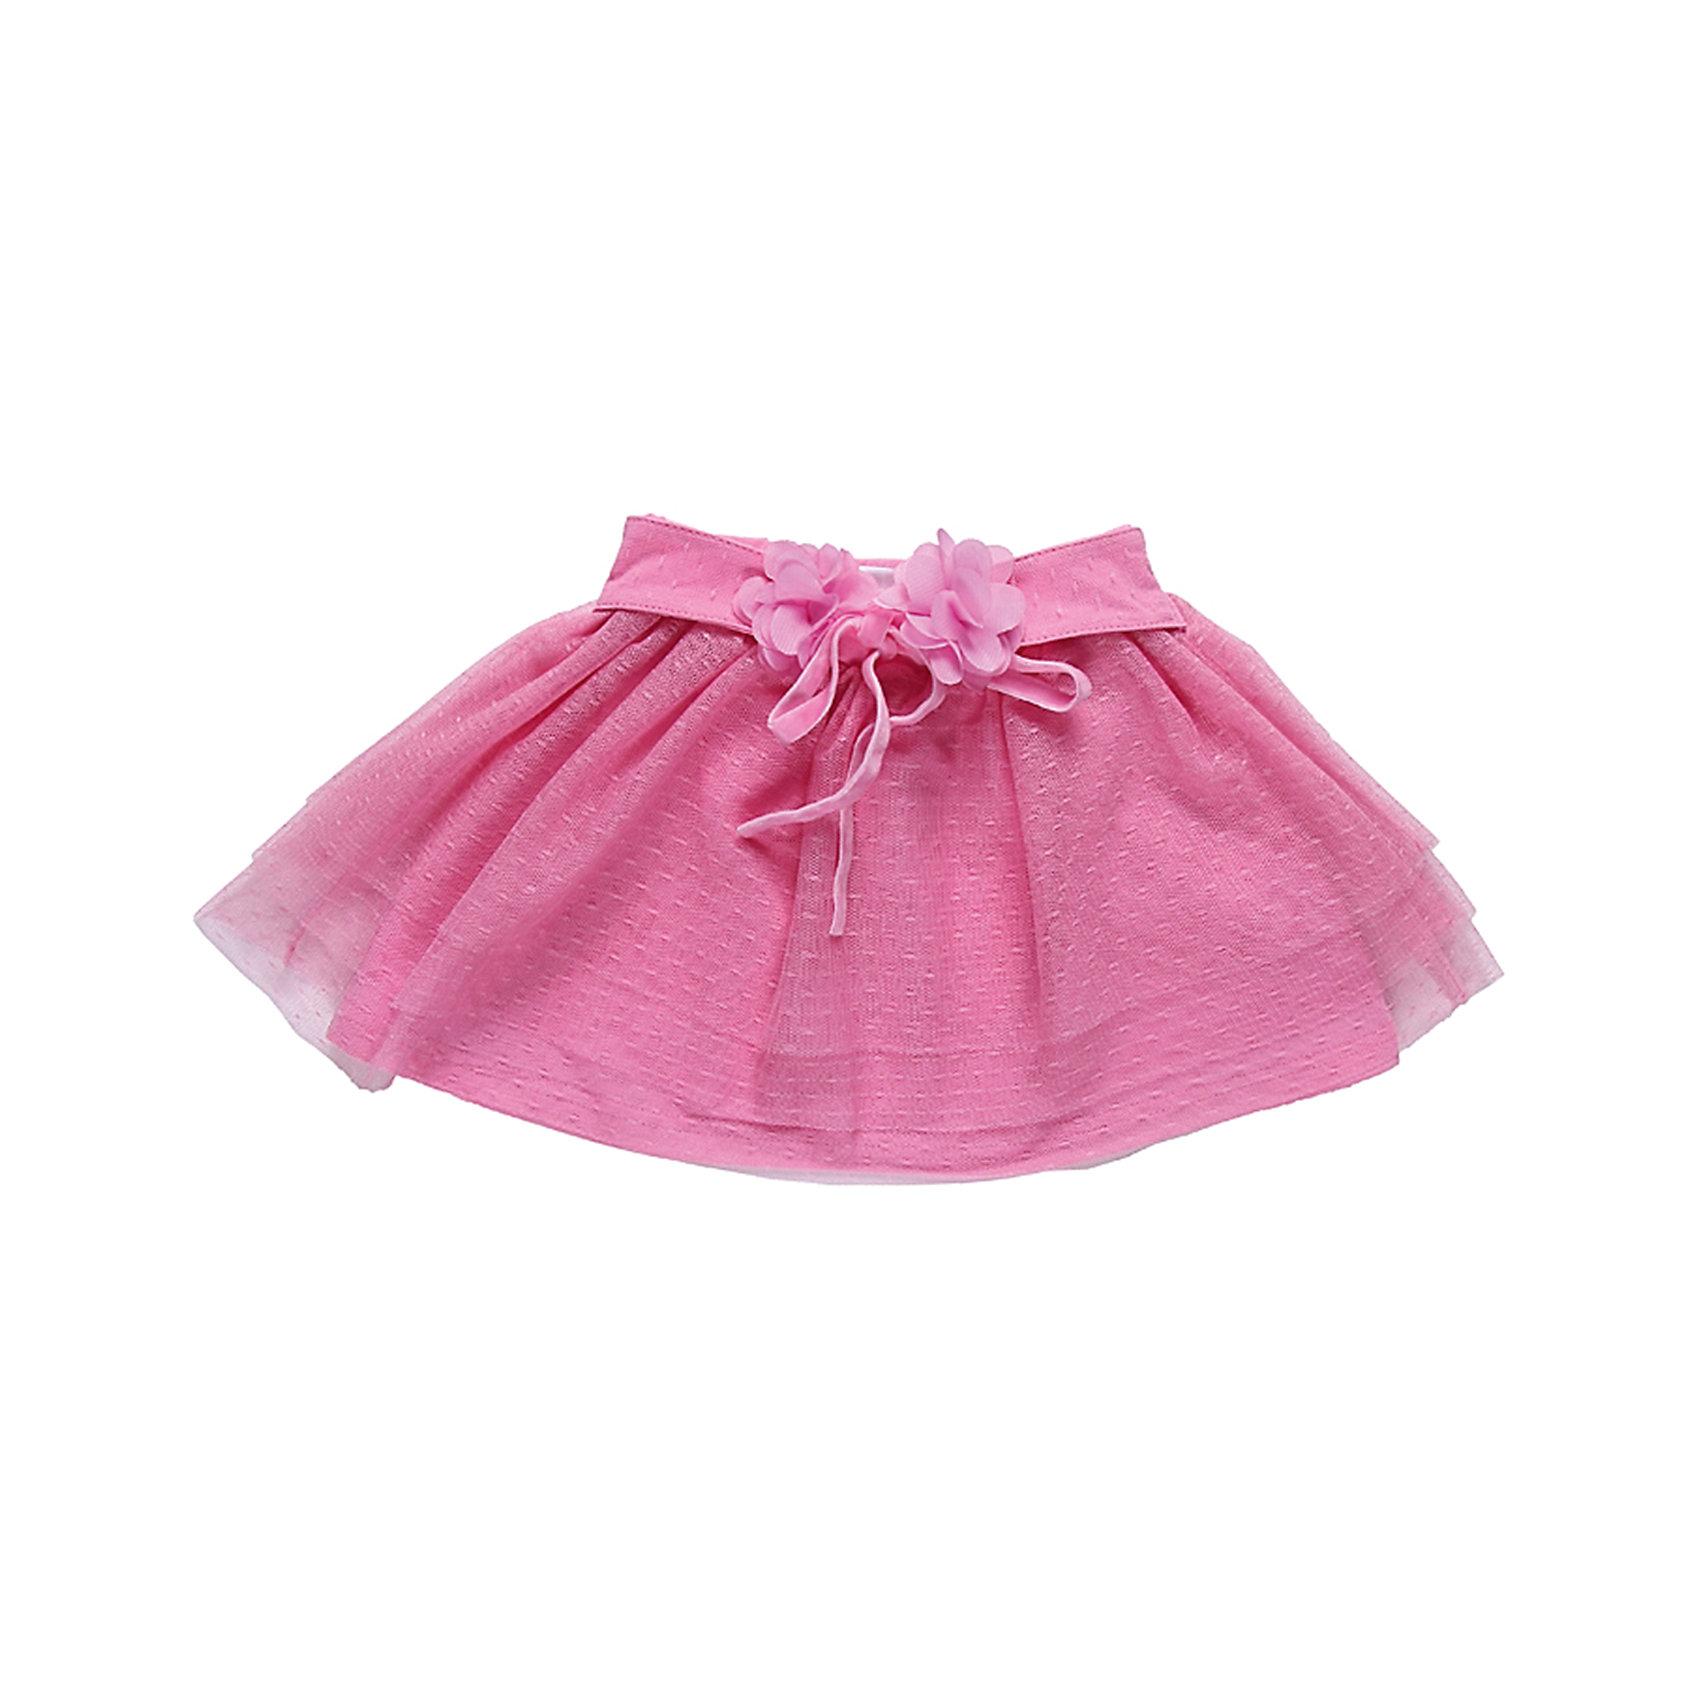 Юбка для девочки Sweet BerryЮбки<br>Юбка для девочки от известного бренда Sweet Berryсивол(10)Модная детская юбка, верх - несколько слоев сетки, низ - мягкий трикотаж.<br>Состав:<br>Верх: 100% полиэстер, Подкладка:  95% хлопок, 5% эластан<br><br>Ширина мм: 207<br>Глубина мм: 10<br>Высота мм: 189<br>Вес г: 183<br>Цвет: розовый<br>Возраст от месяцев: 18<br>Возраст до месяцев: 24<br>Пол: Женский<br>Возраст: Детский<br>Размер: 92,98,86,80<br>SKU: 4812759